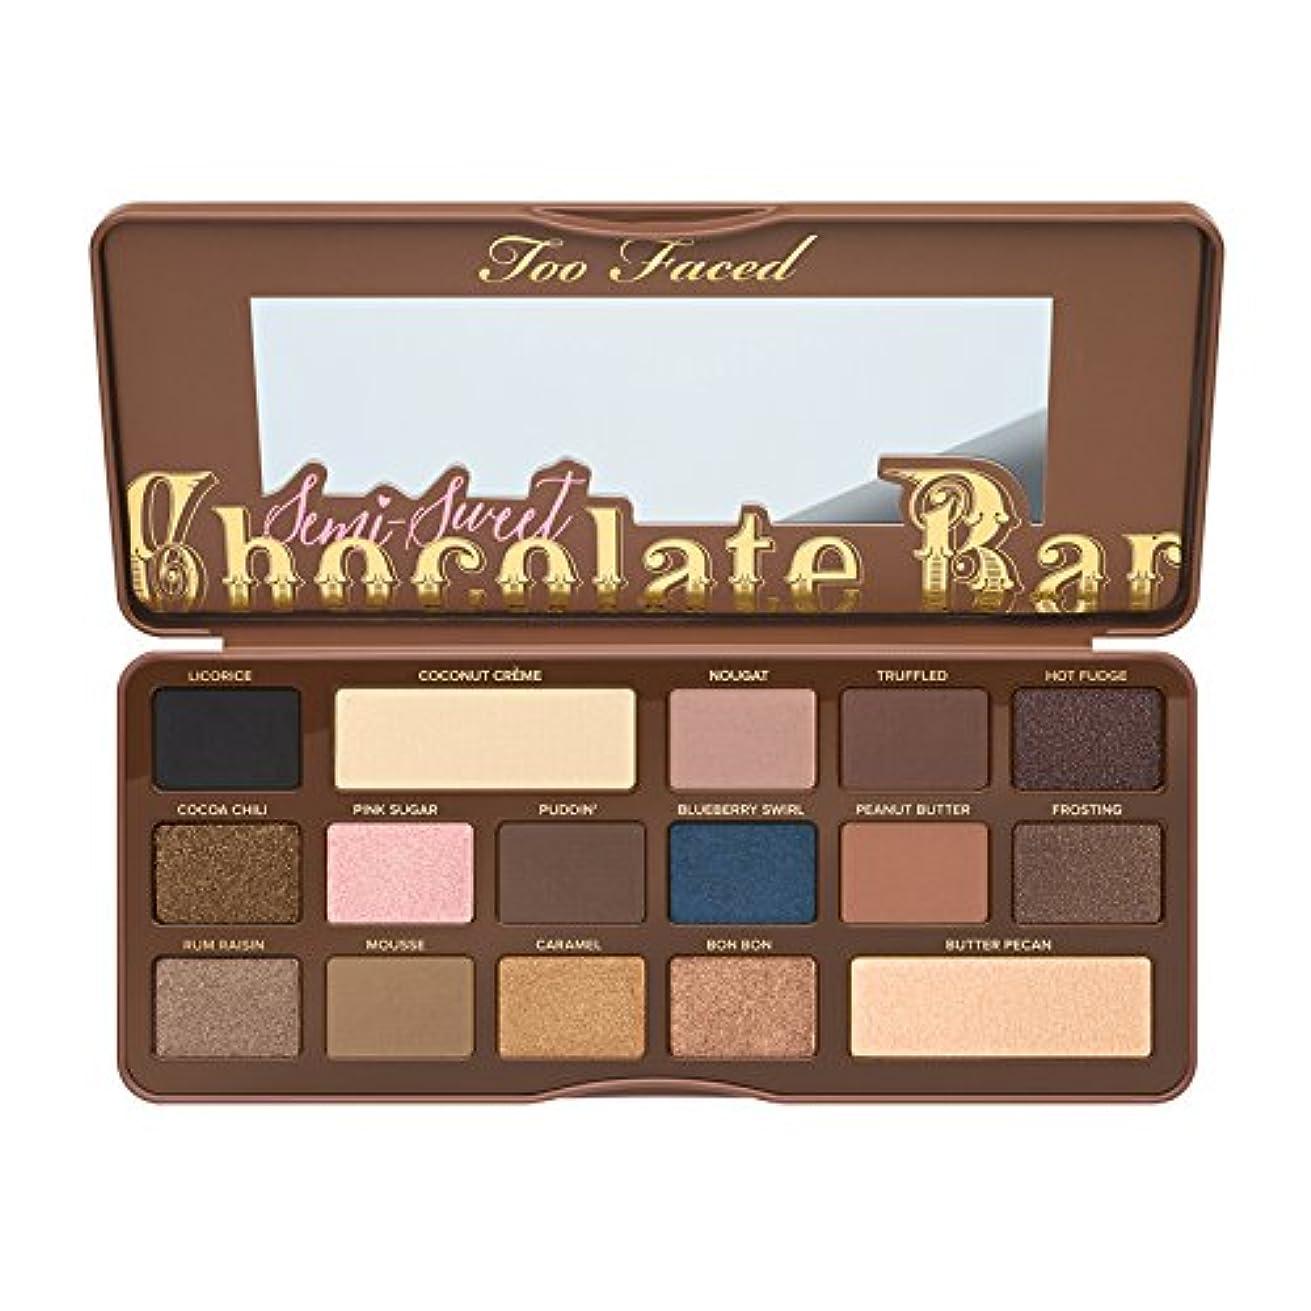 ギターパンサー言い訳Too Faced Semi-Sweet Chocolate Bar Eye Shadow Collection (並行輸入品) [並行輸入品]